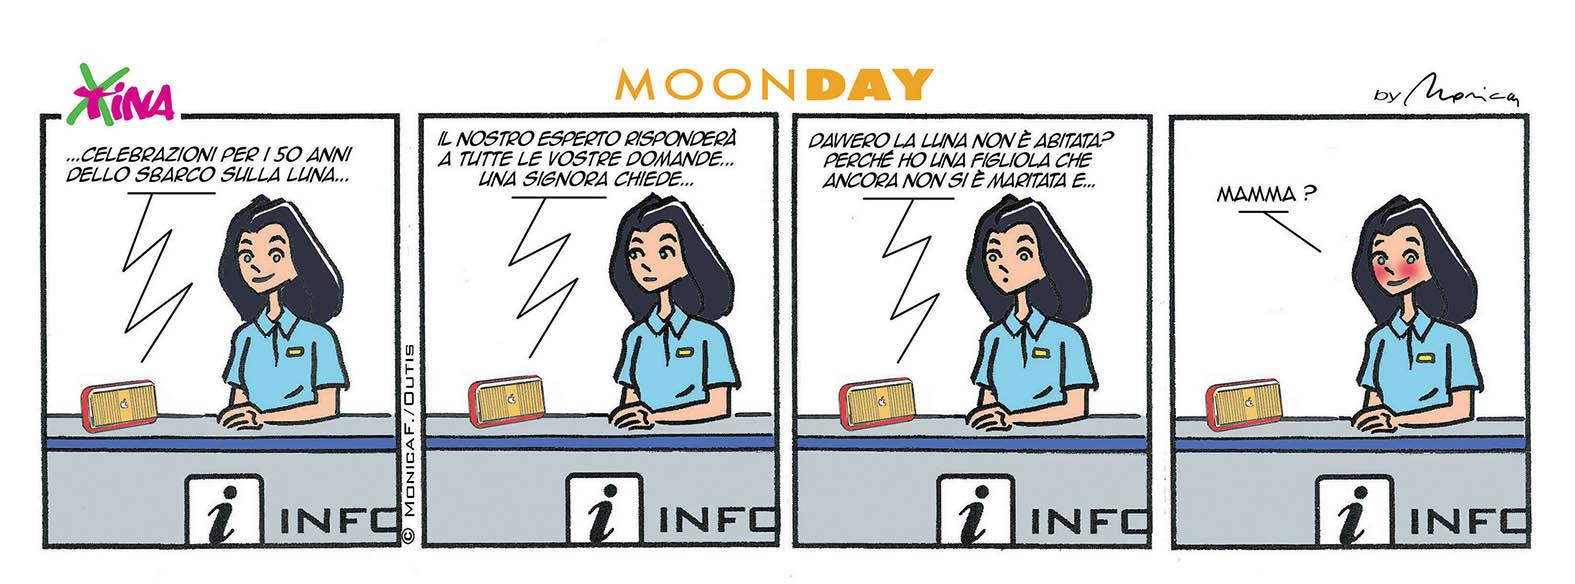 Xtina MoonDay comic strip 2